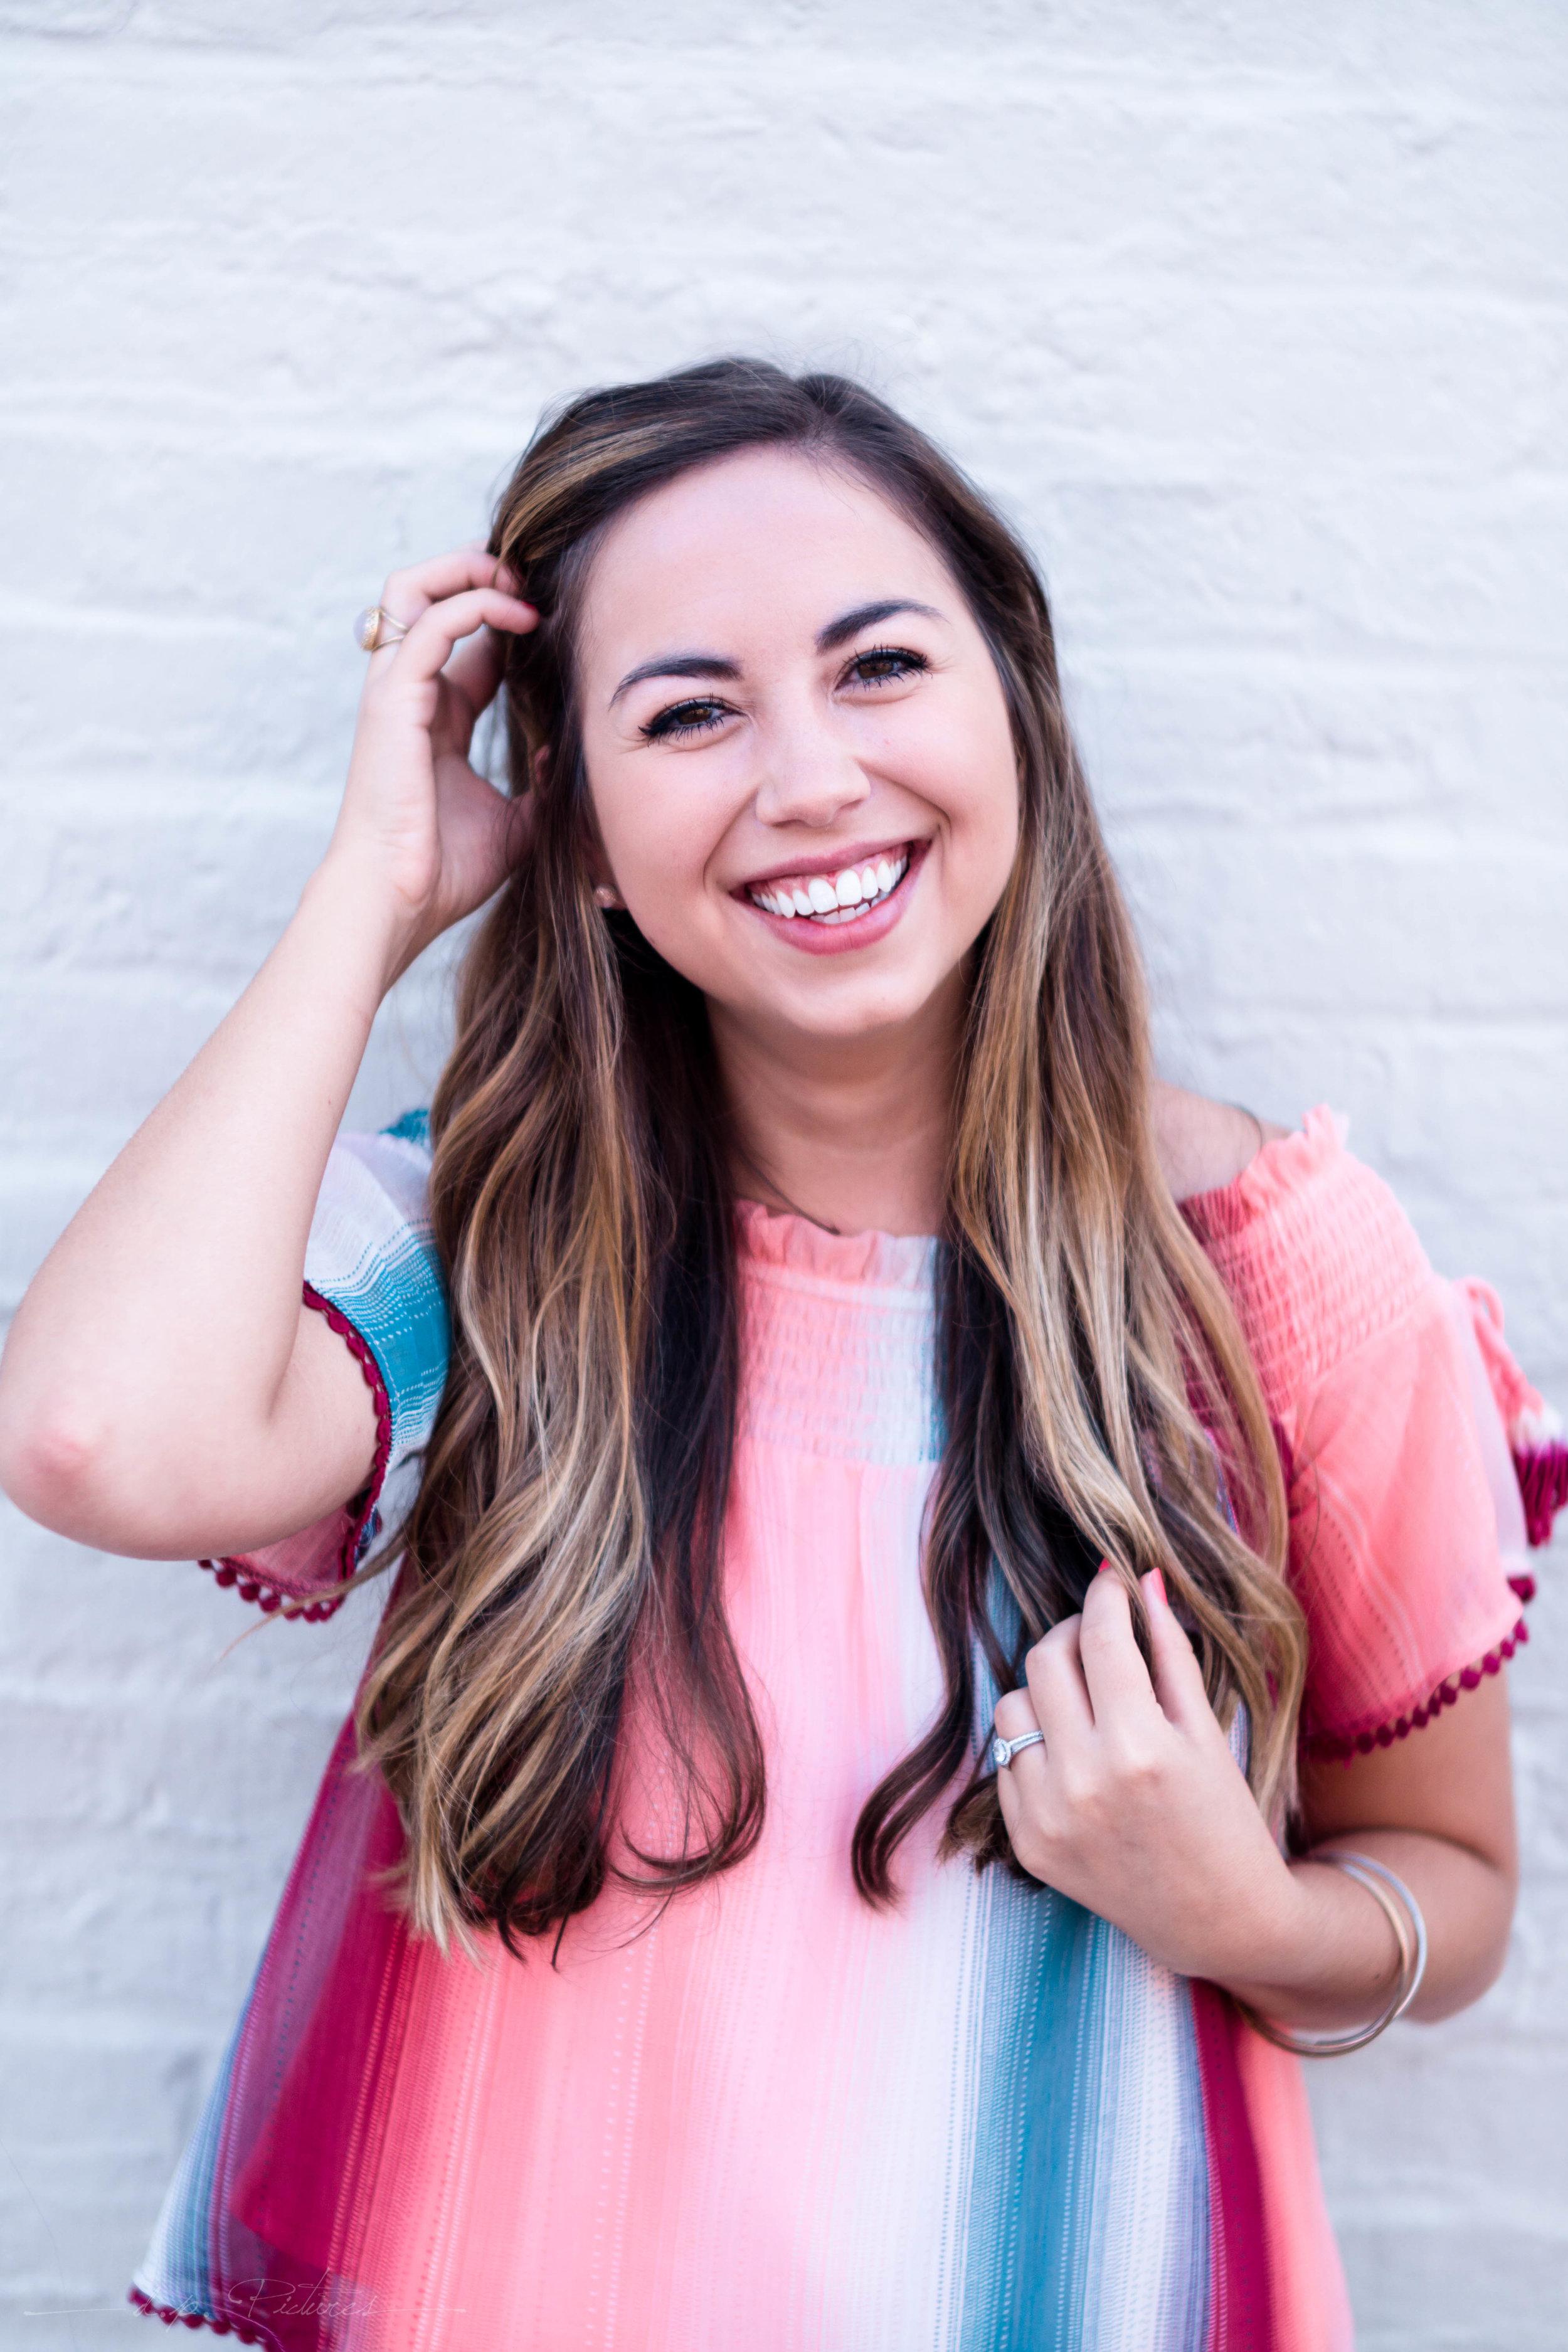 Bold & Pop :: #BoldBossTribe Feature with Elizabeth McCravy of Speak Social Agency